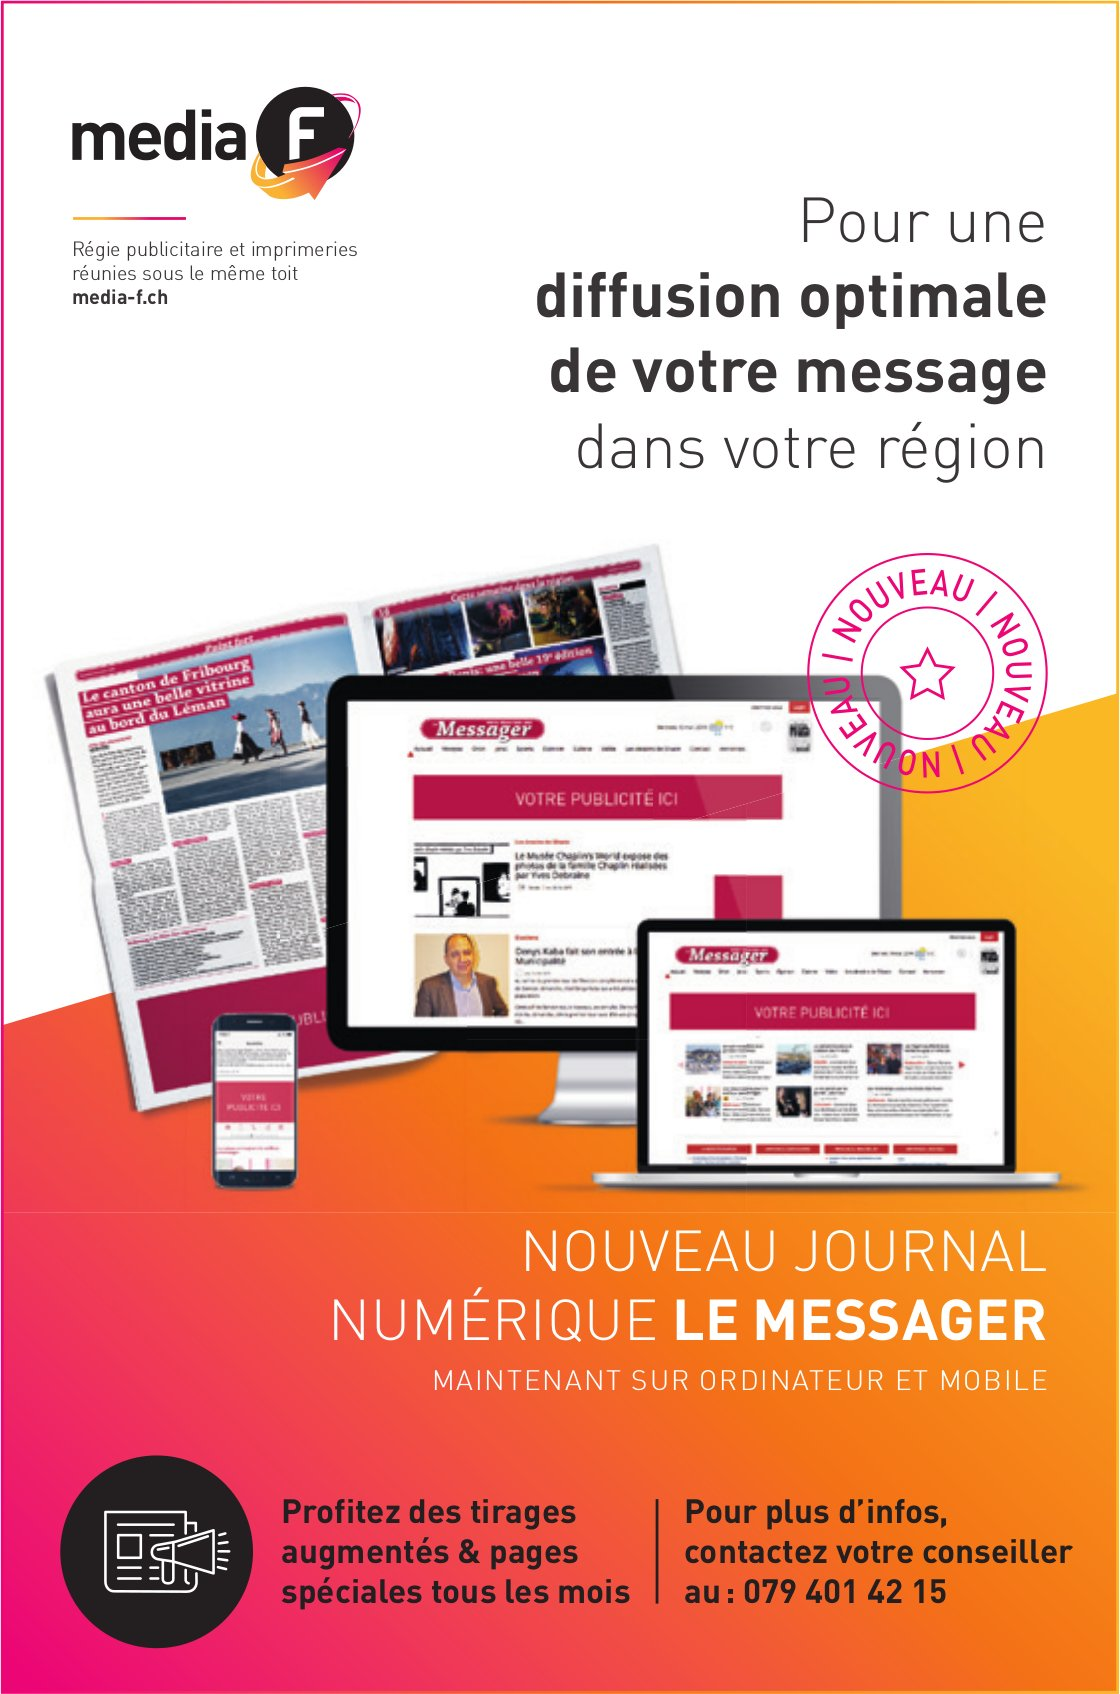 Media F - Pour une diffusion optimale de votre message dans votre région